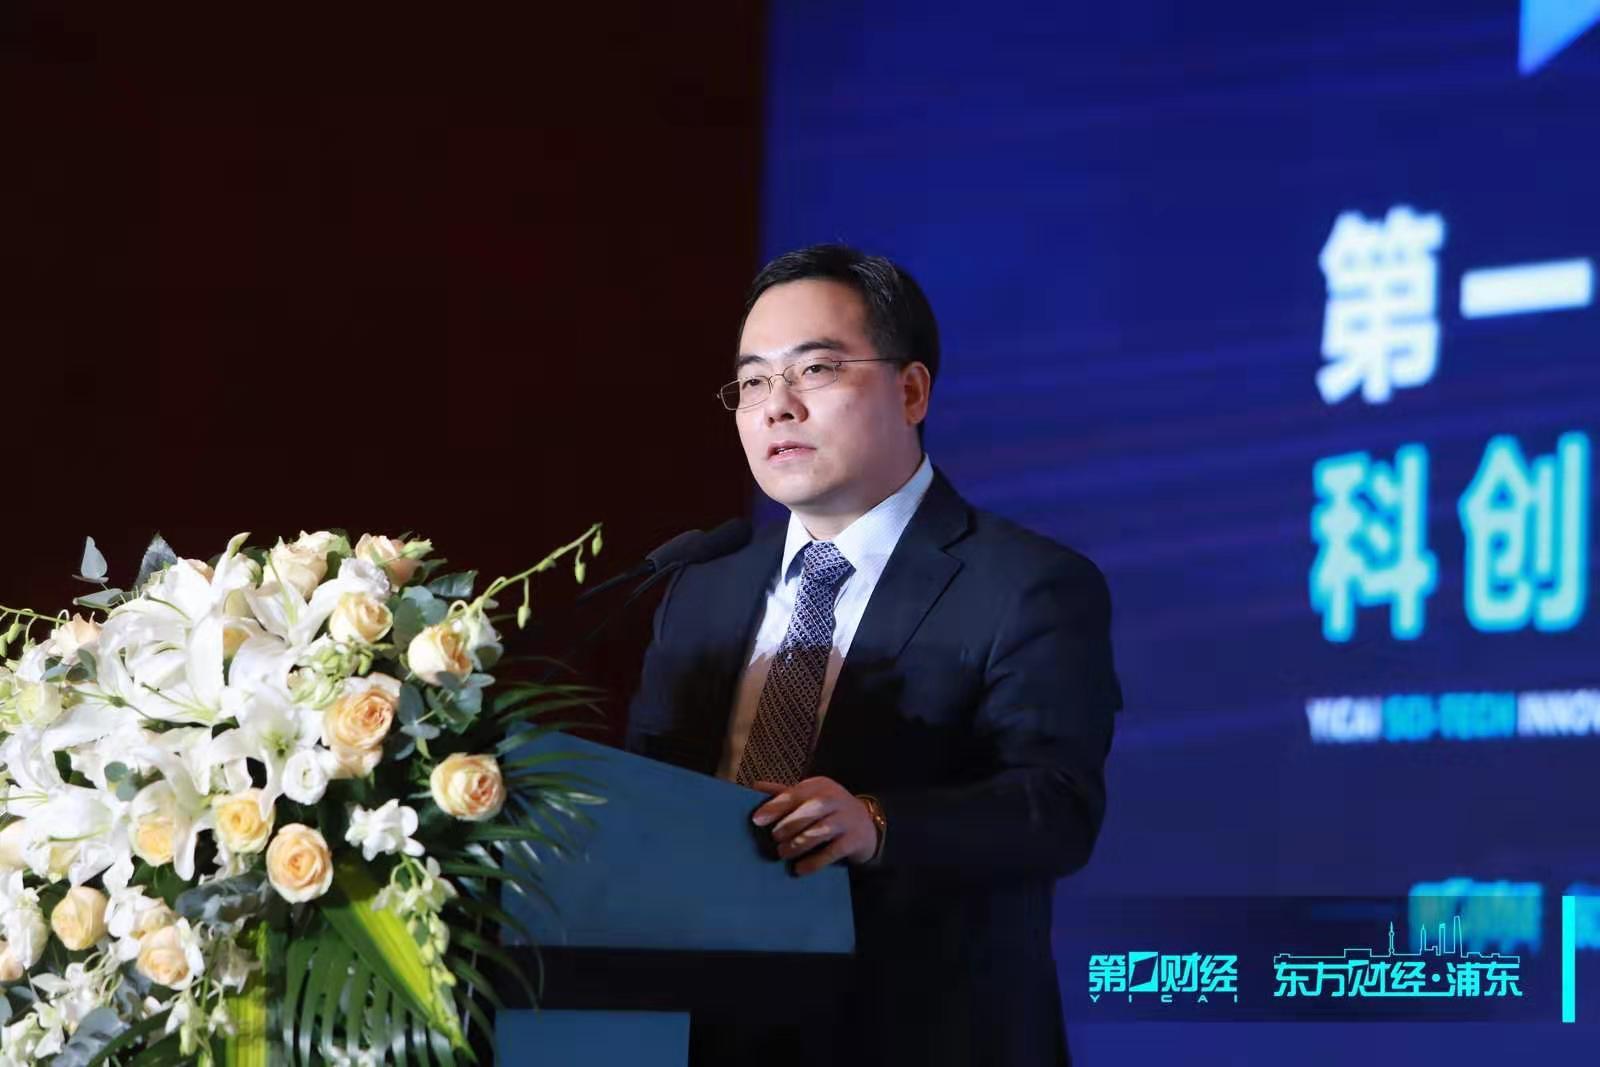 《科创板交易一周年白皮书》启动,华泰联合董事长江禹解读投行转型新机遇